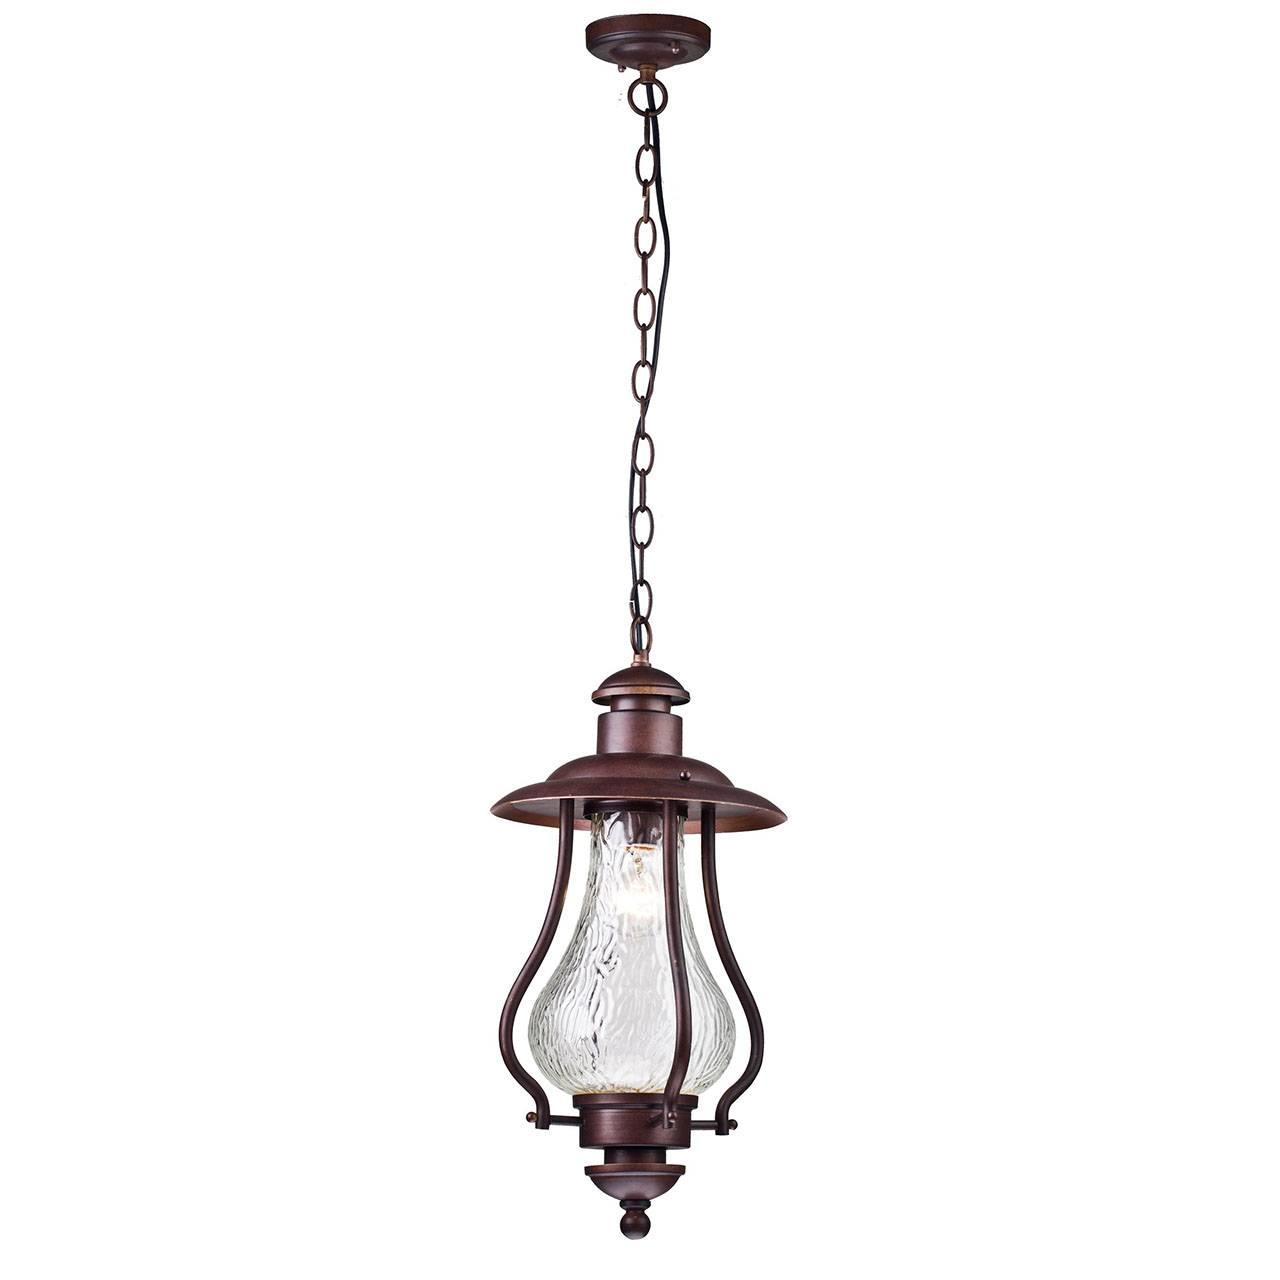 Уличный подвесной светильник Maytoni la Rambla